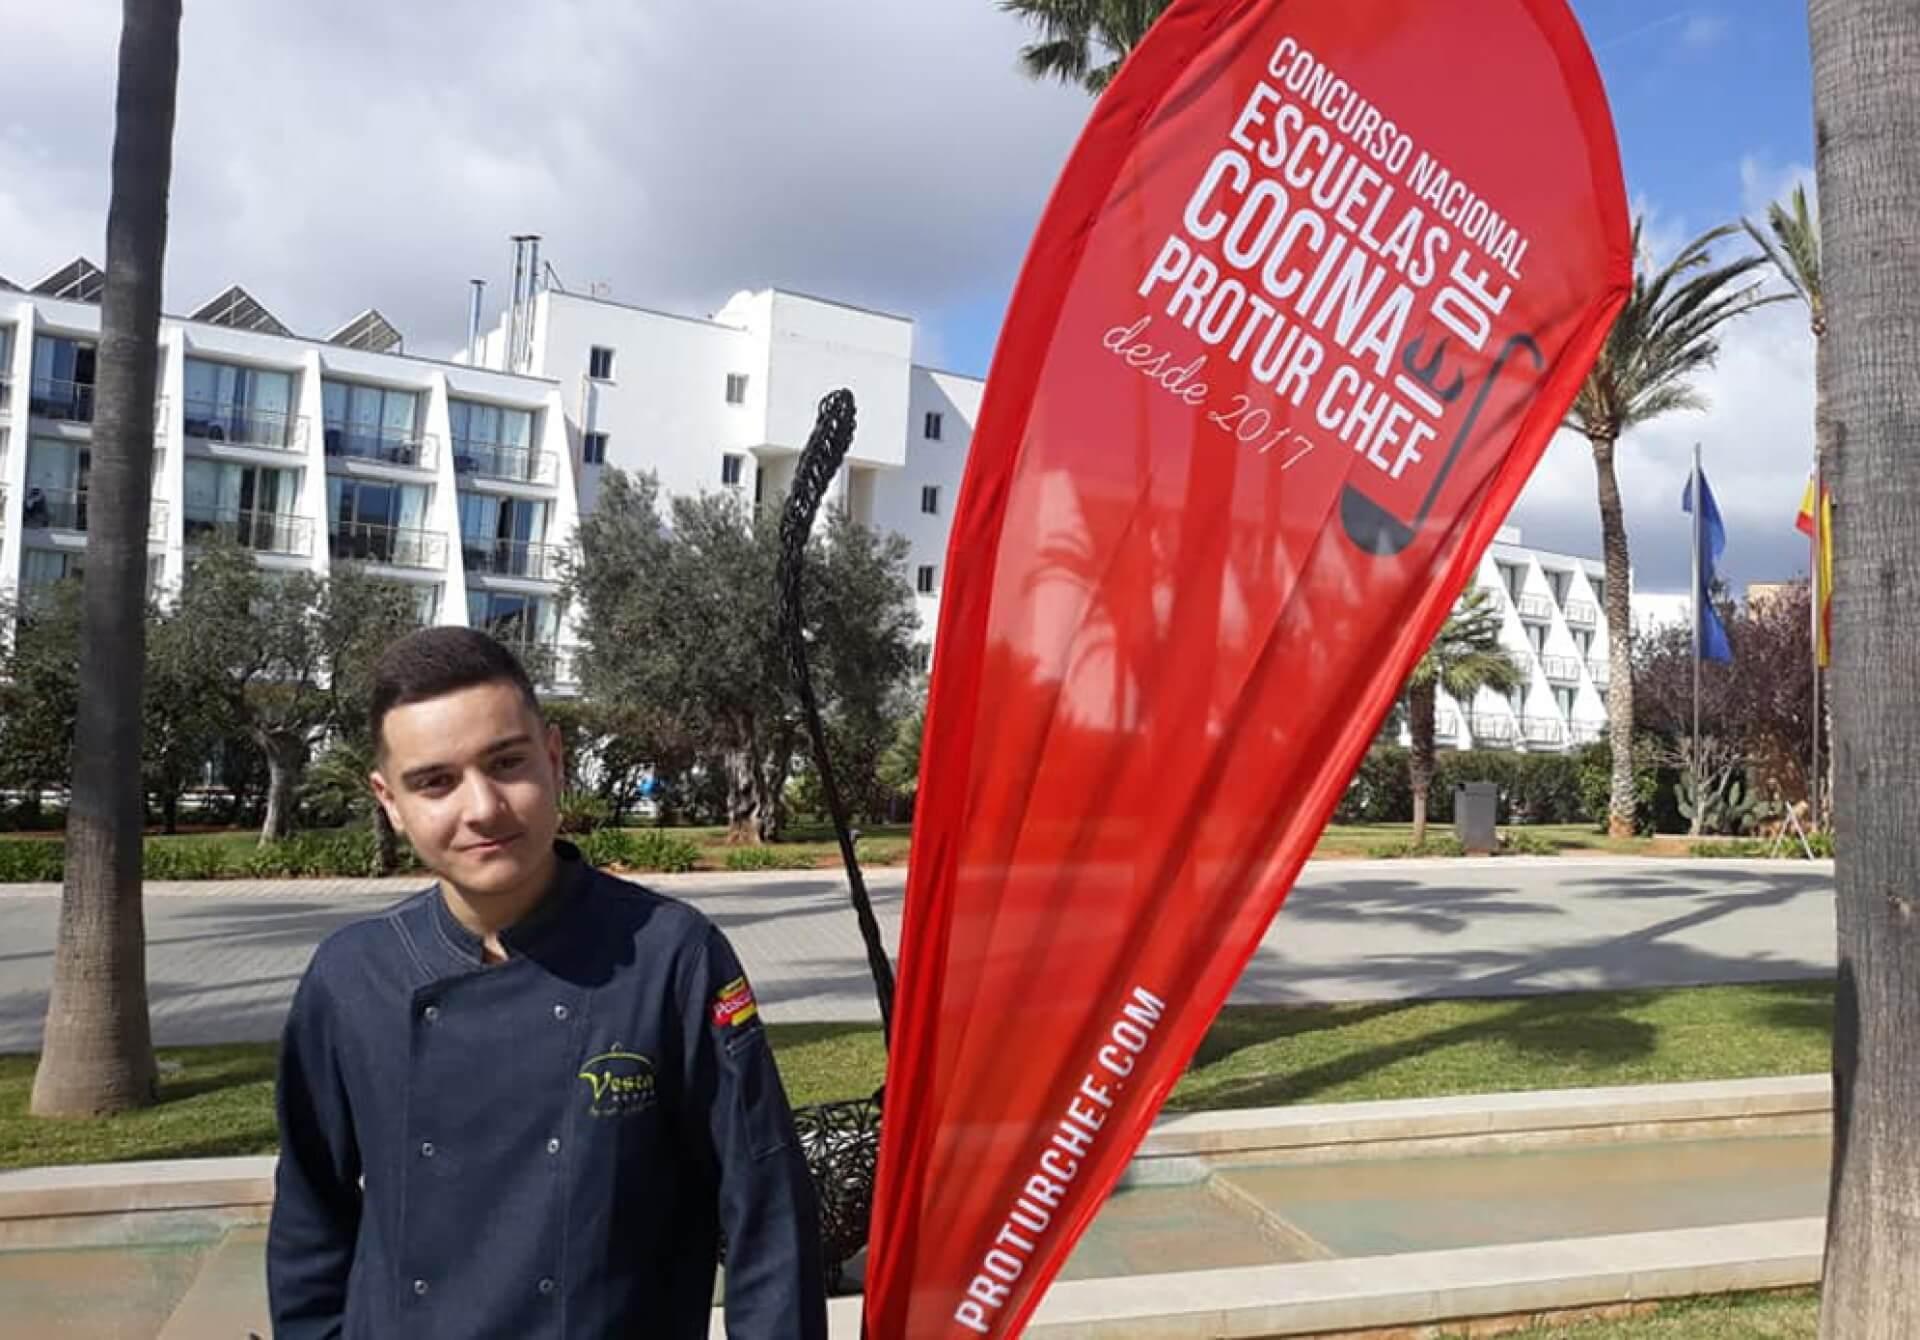 Pablo, alumno de Vesta, finalista en Proturchef